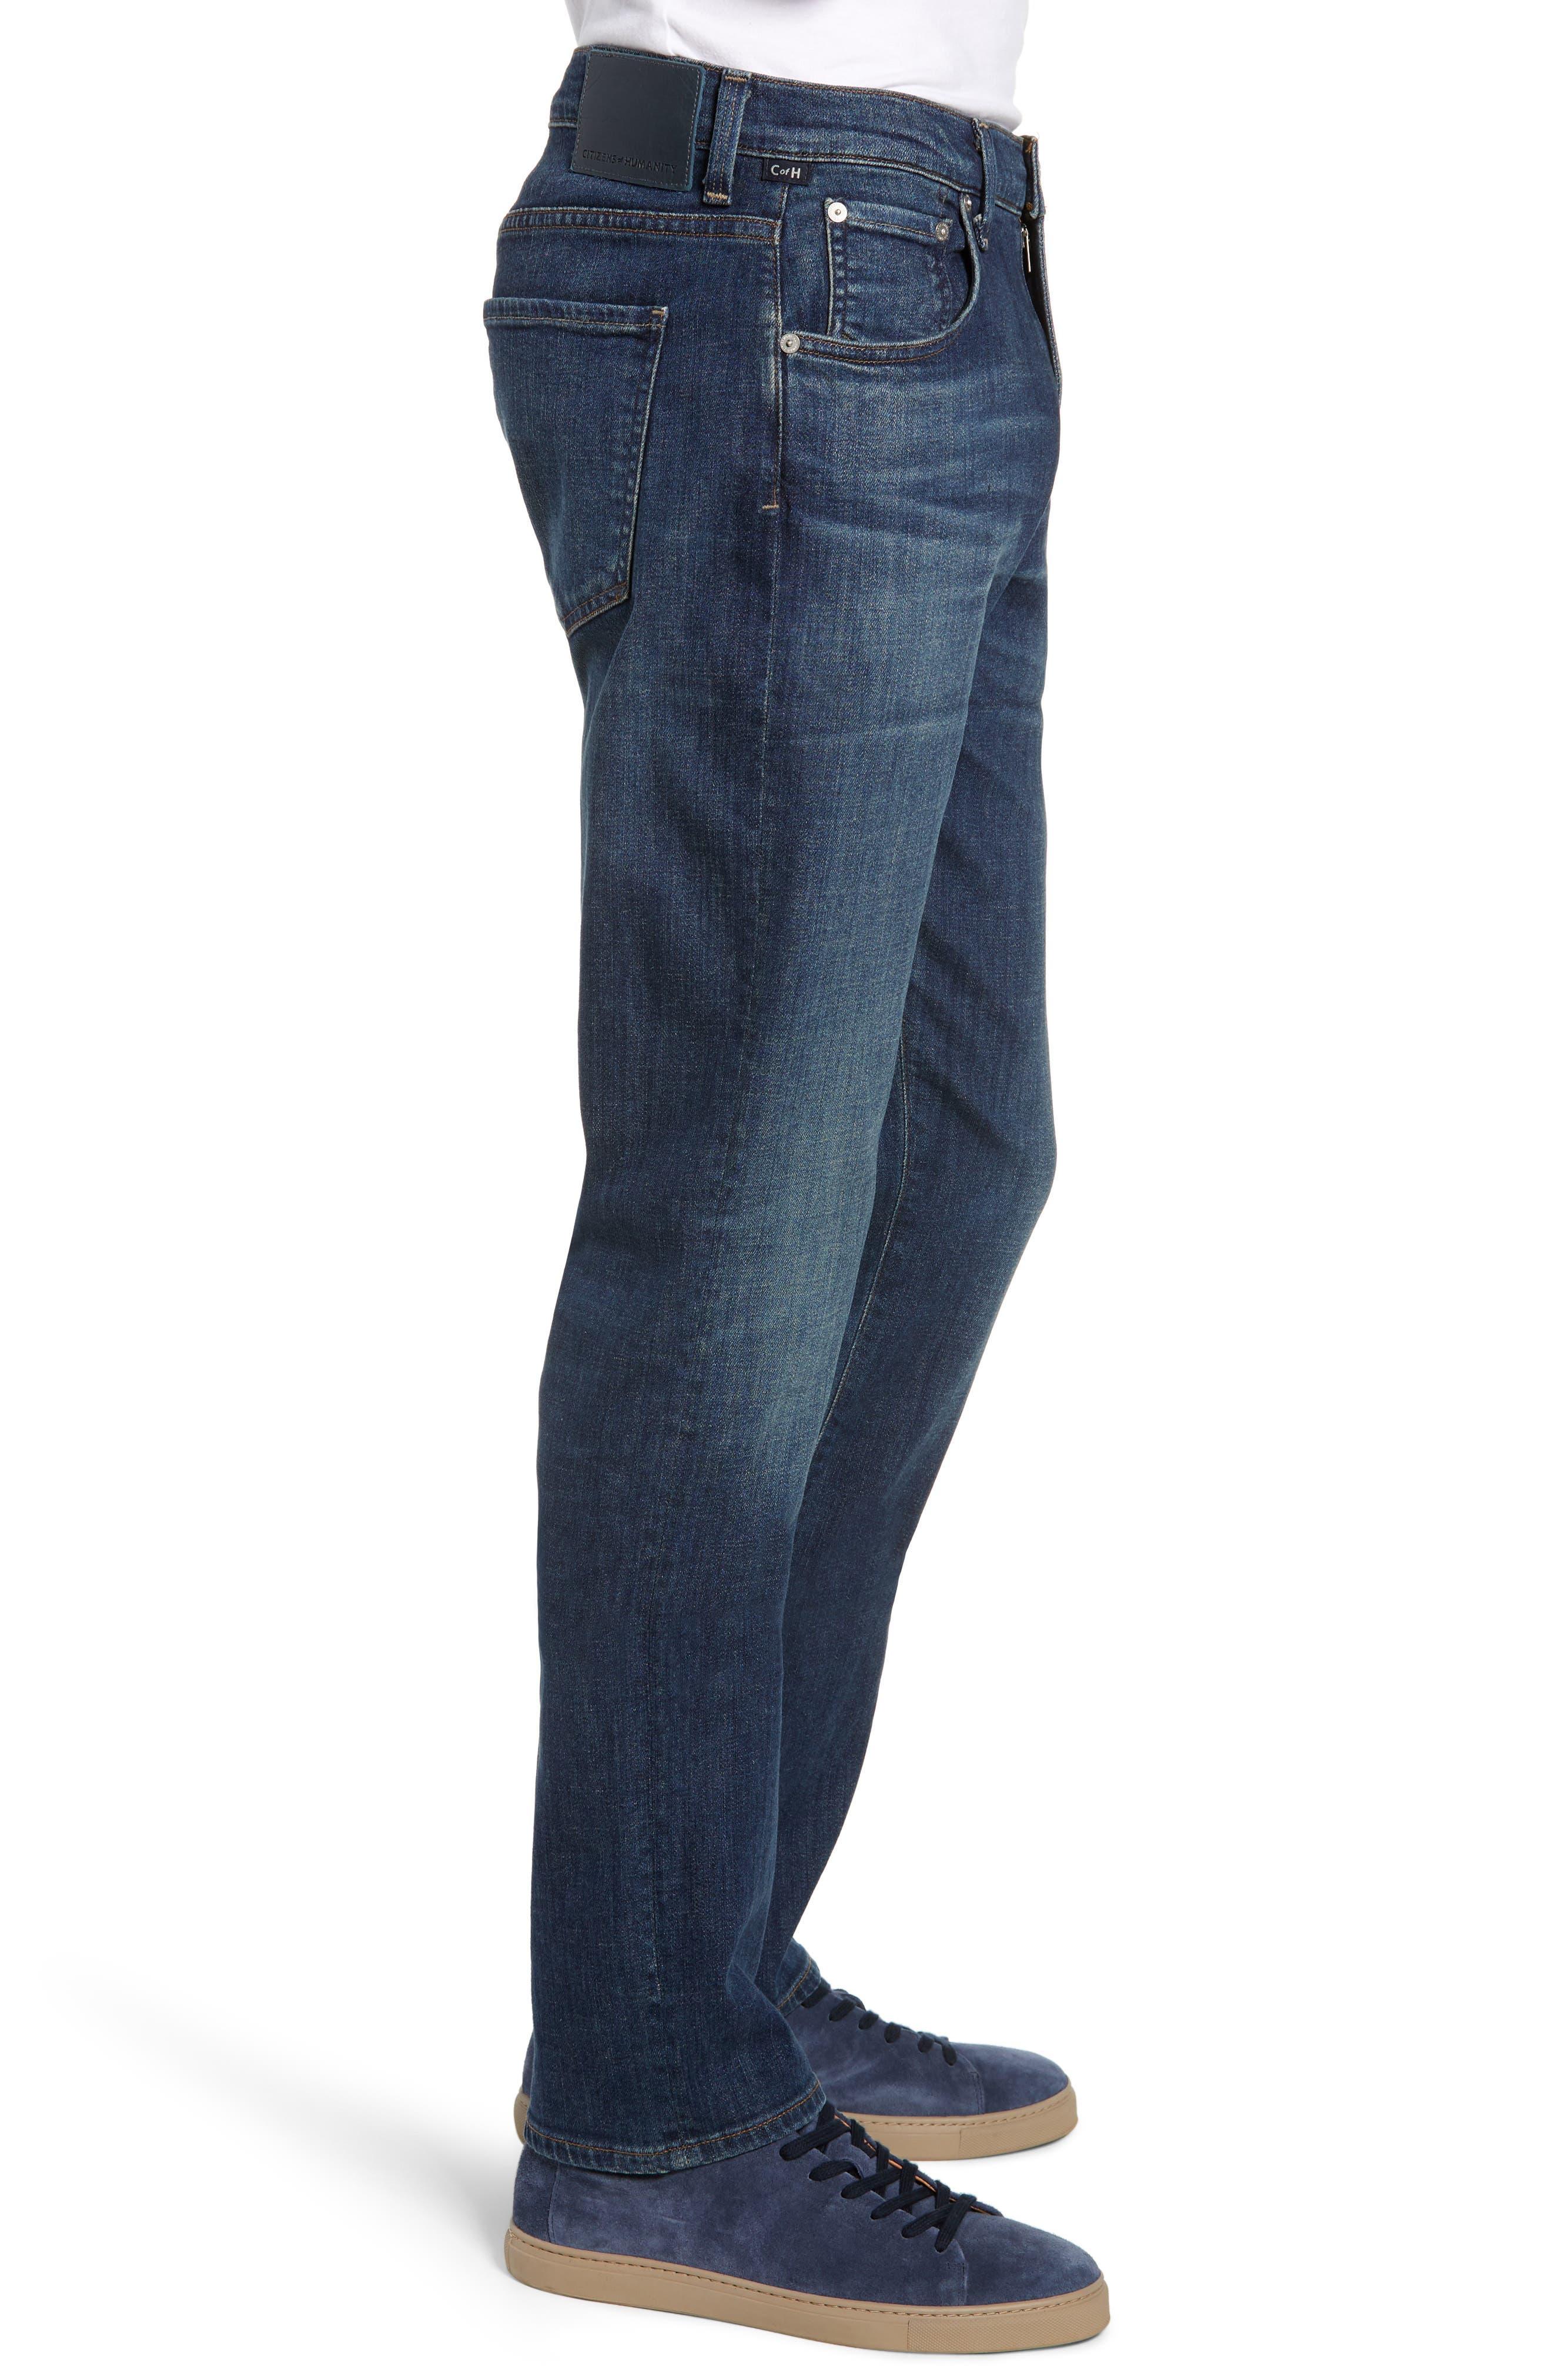 Gage Slim Straight Leg Jeans,                             Alternate thumbnail 3, color,                             EUGENE